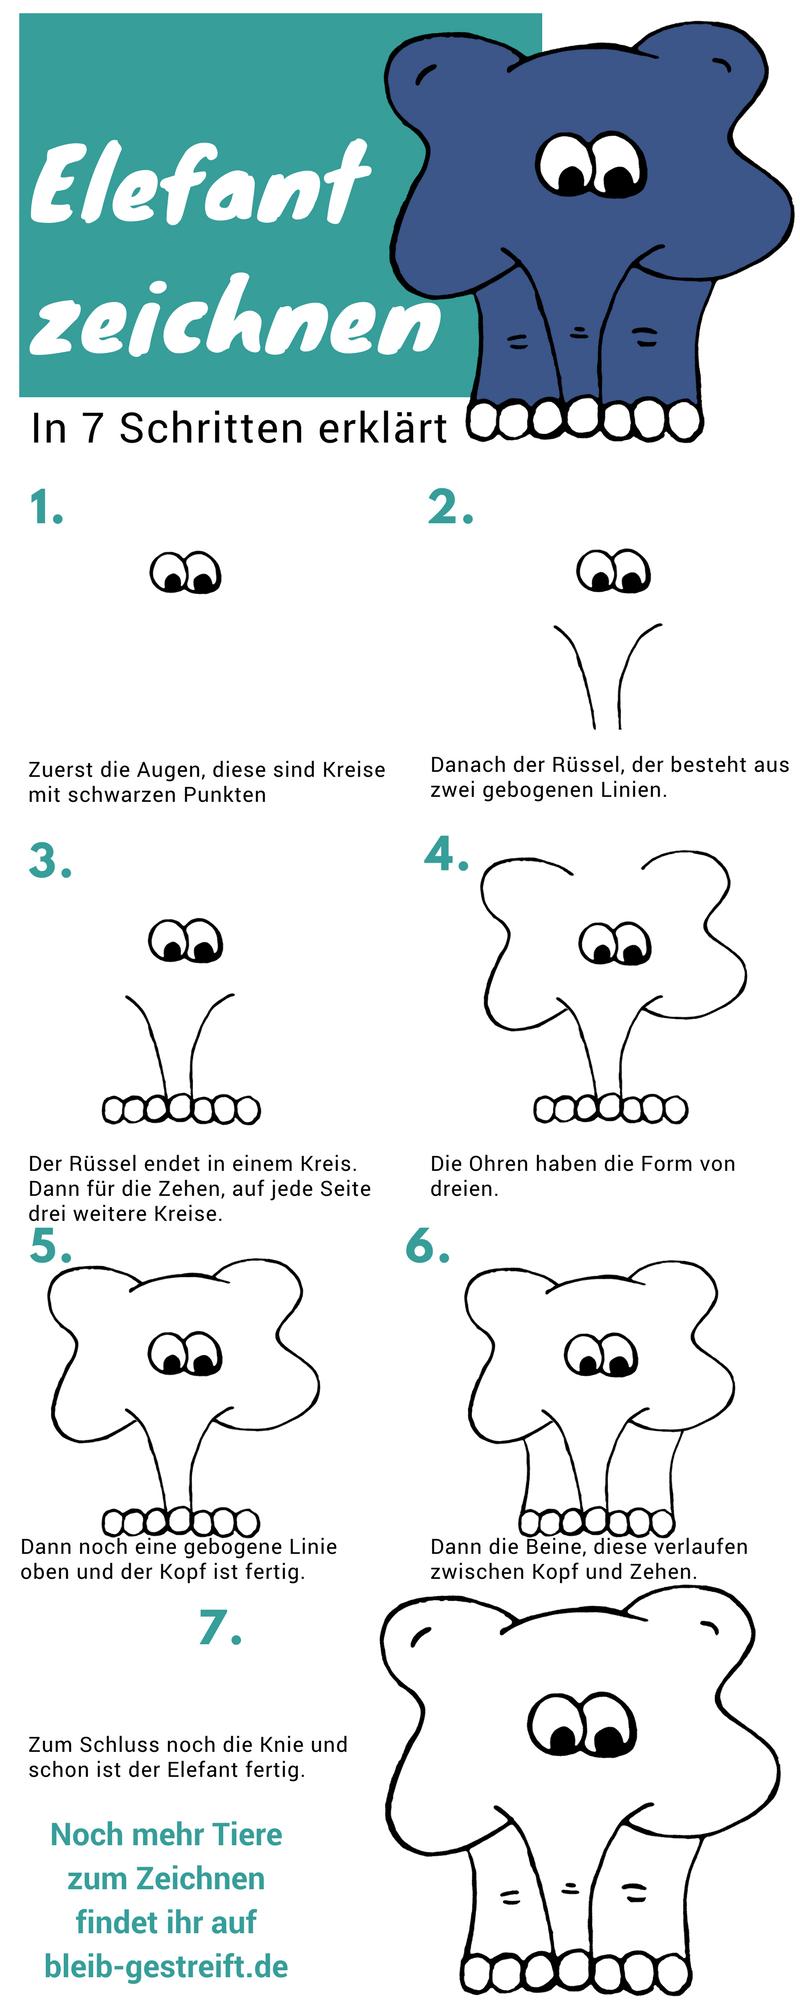 Elefant Zeichnen Lernen Draw Zoo Animals S By S Zeichnen Lernen